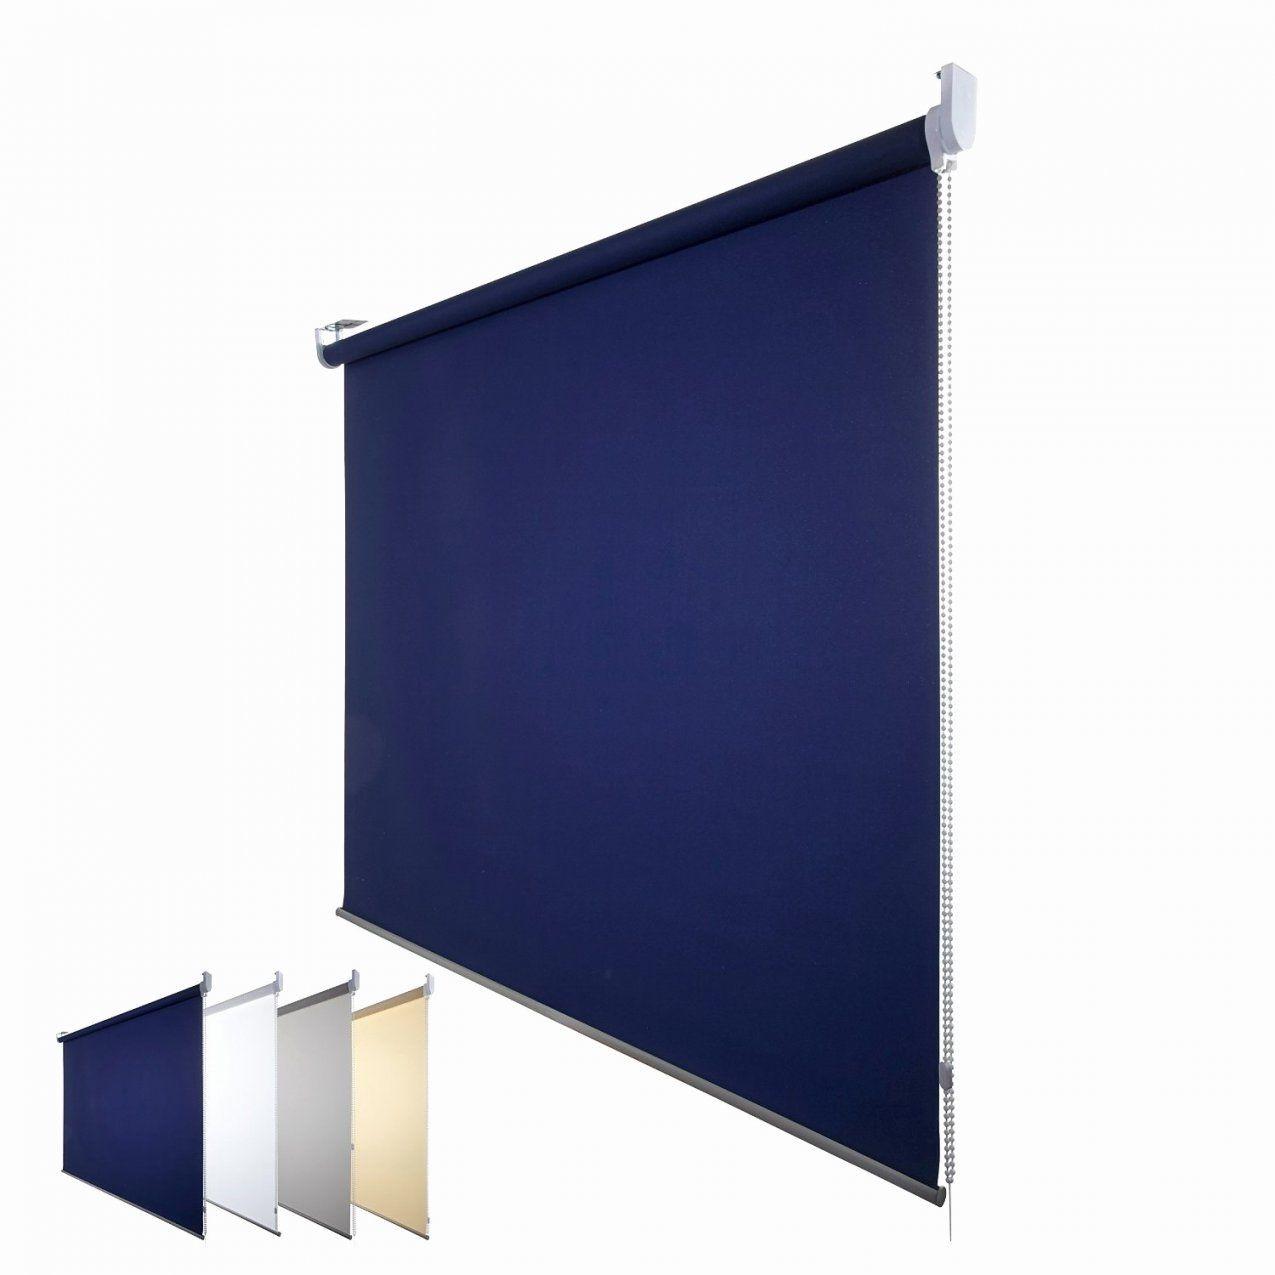 Nebeneingangstür 180 Cm Hoch Frische Fensterdecor Fertig Sichtschutz von Nebeneingangstür 180 Cm Hoch Bild